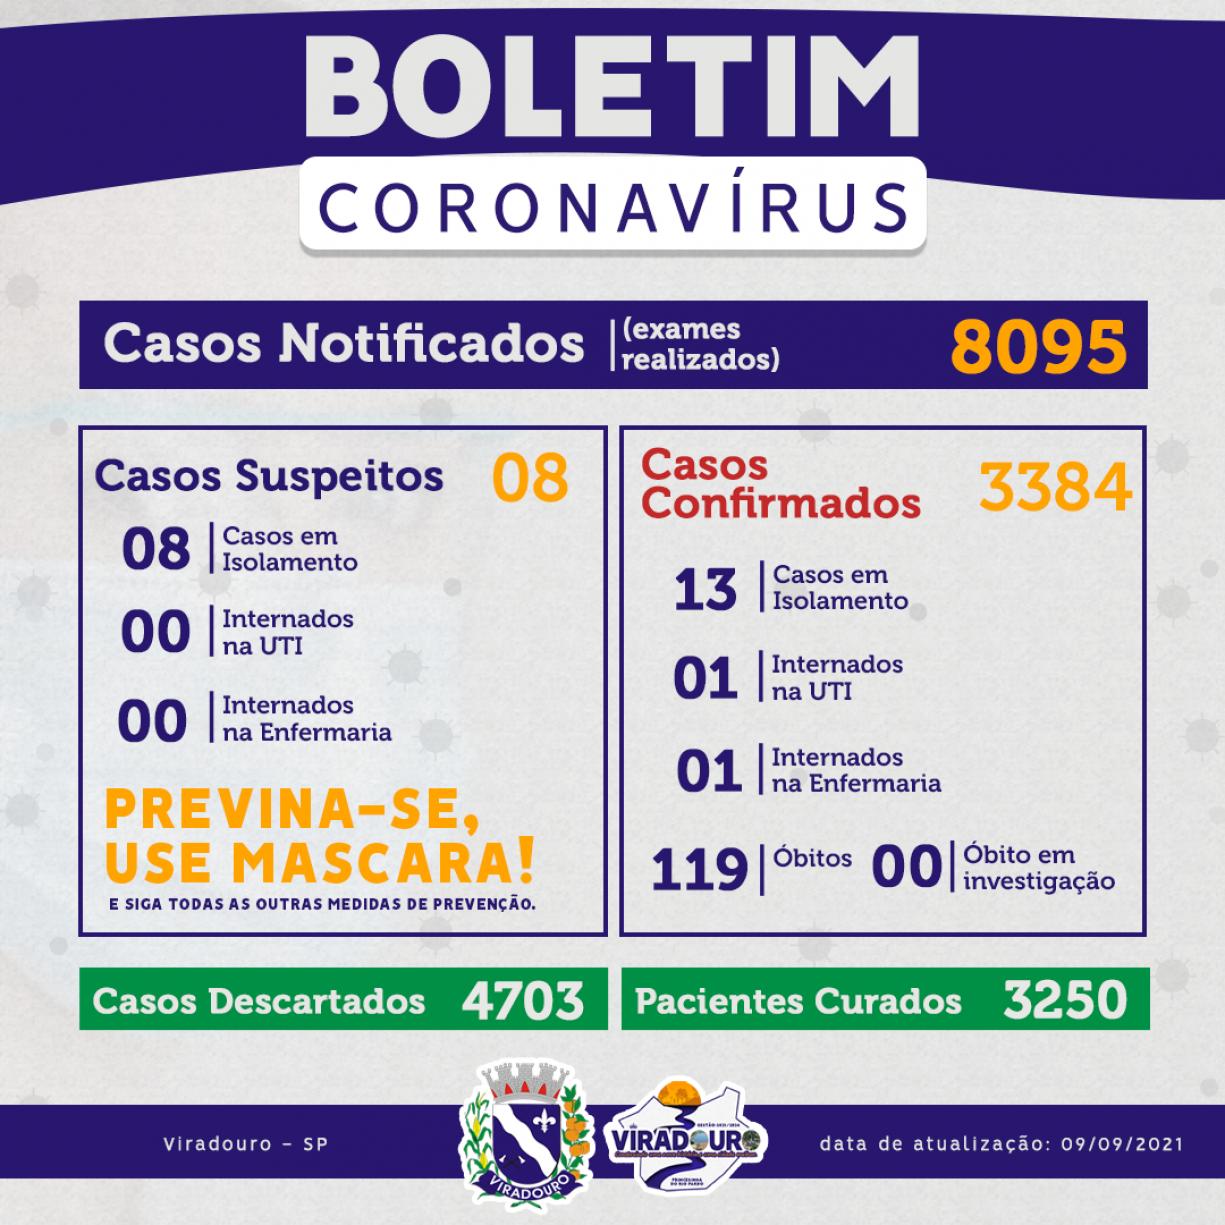 CORONAVÍRUS: BOLETIM EPIDEMIOLÓGICO (ATUALIZAÇÃO 09/09/2021)